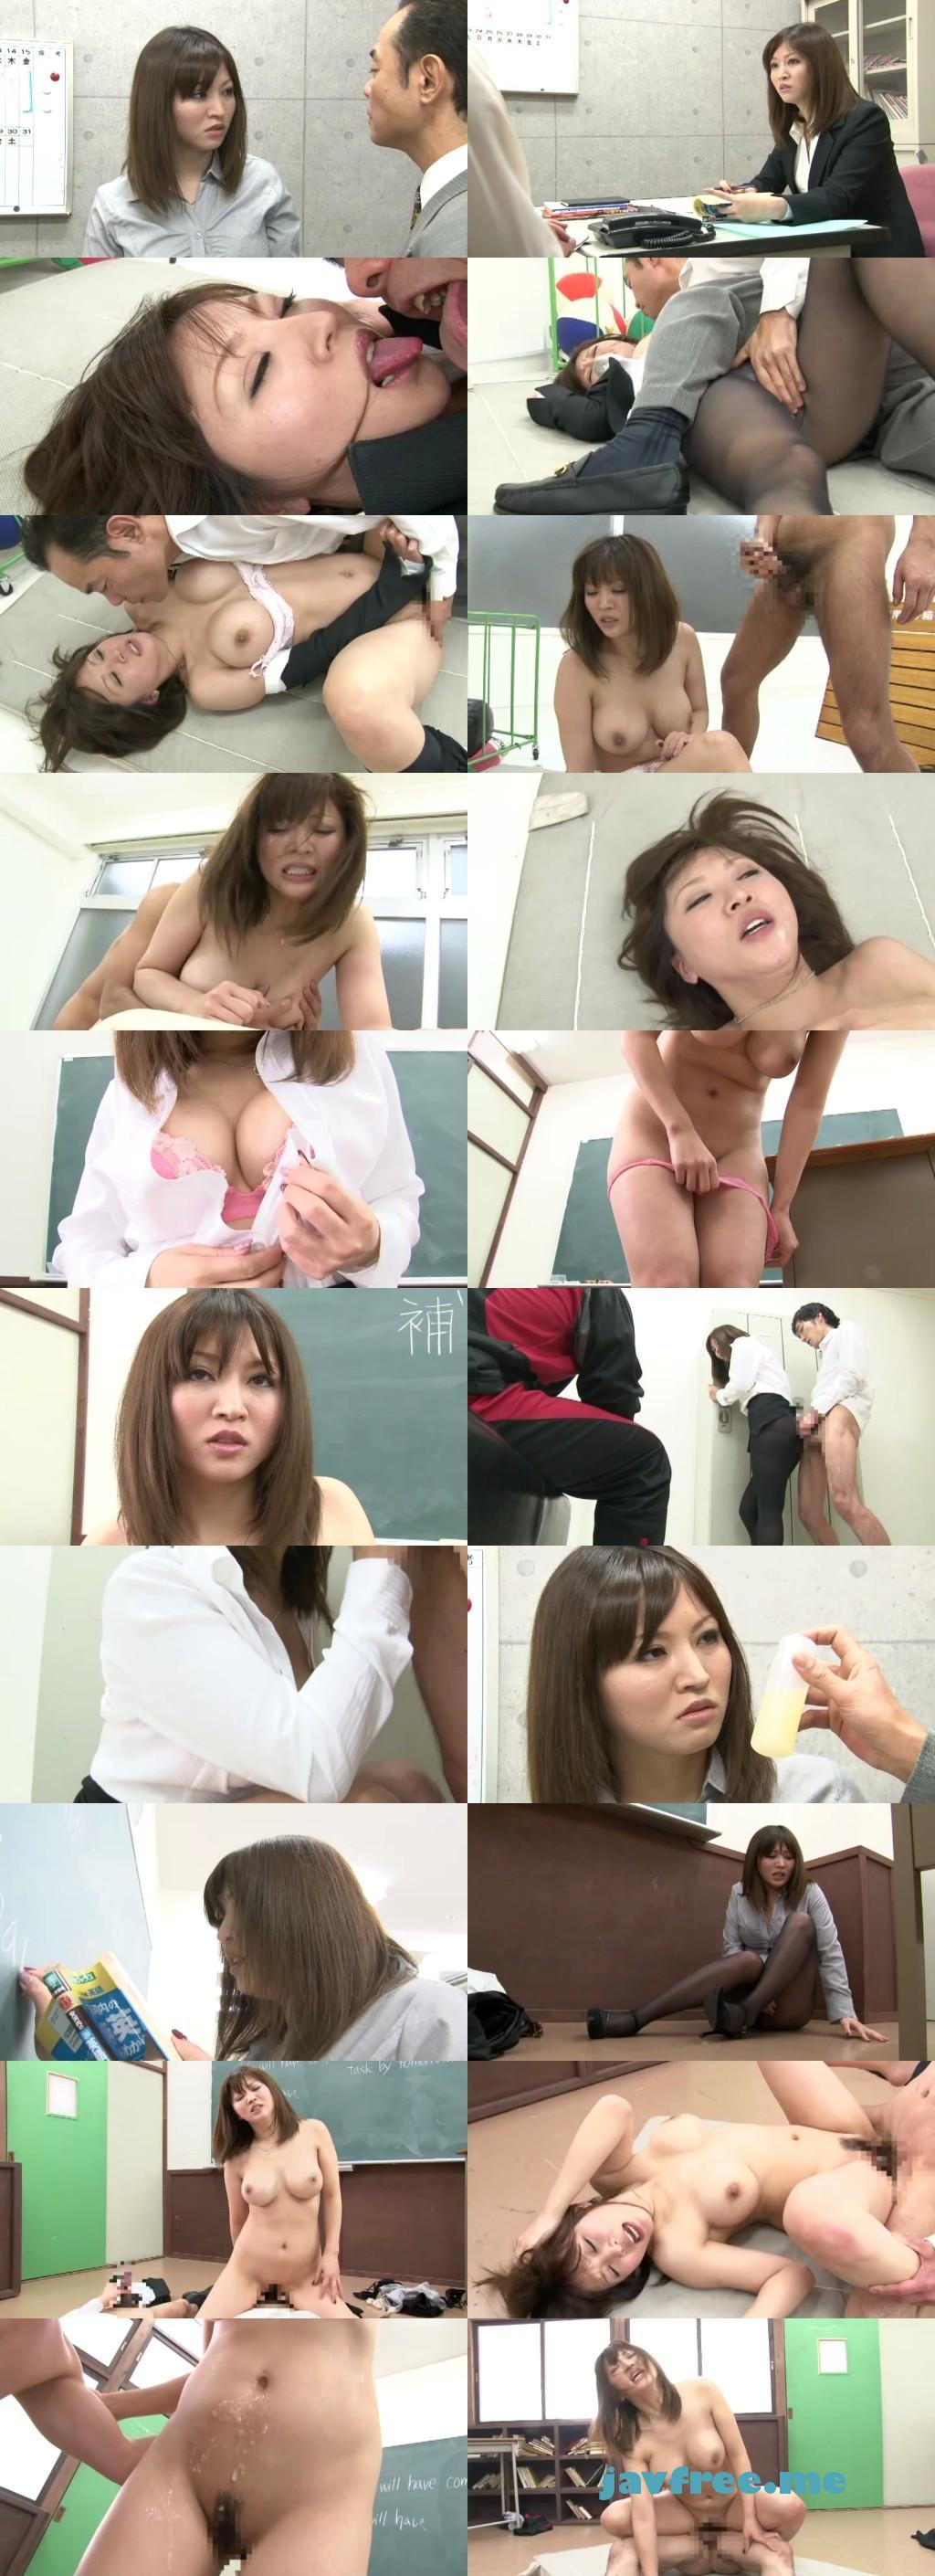 [HBAD 183] 新陵辱女教師 犯され媚薬を塗られ生徒の前で羞恥に堪えるが雌豚と呼ばれるまで堕ちてゆく女教師 当真ゆき 桜井マミ 当真ゆき HBAD